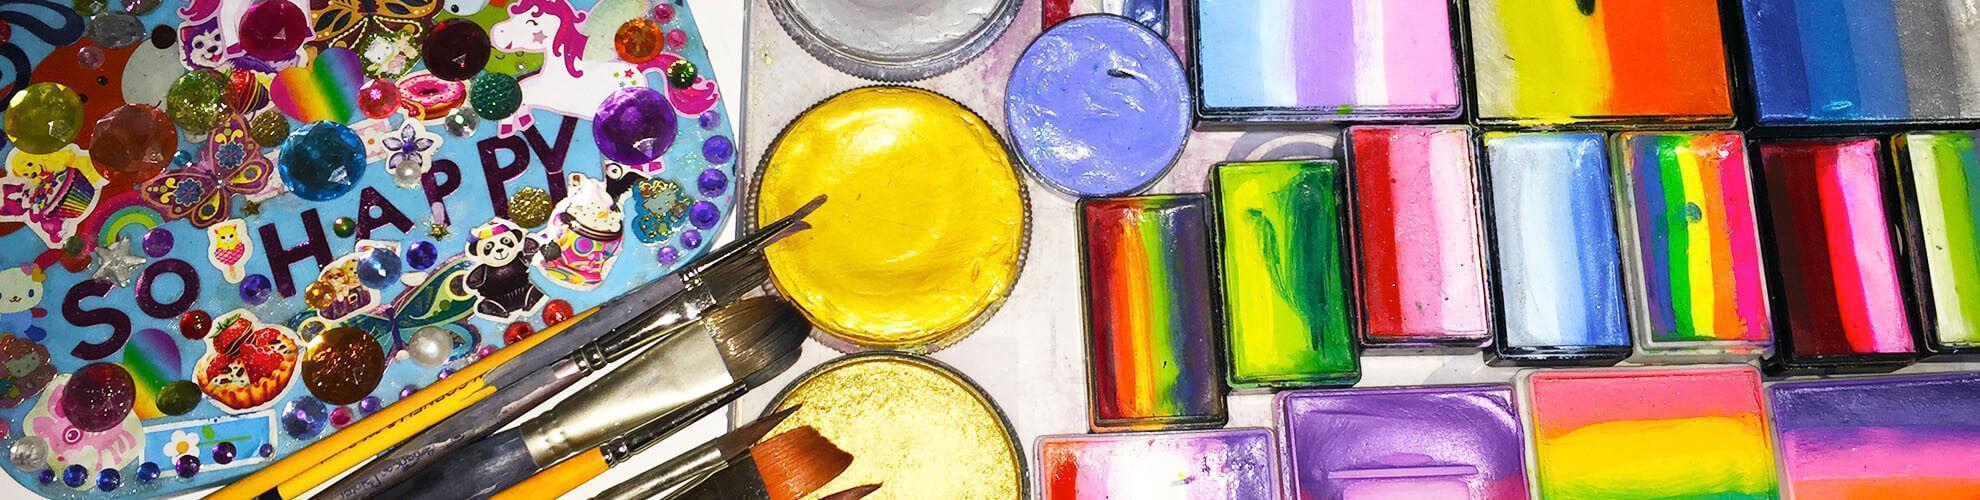 cheap orlando florida face painter